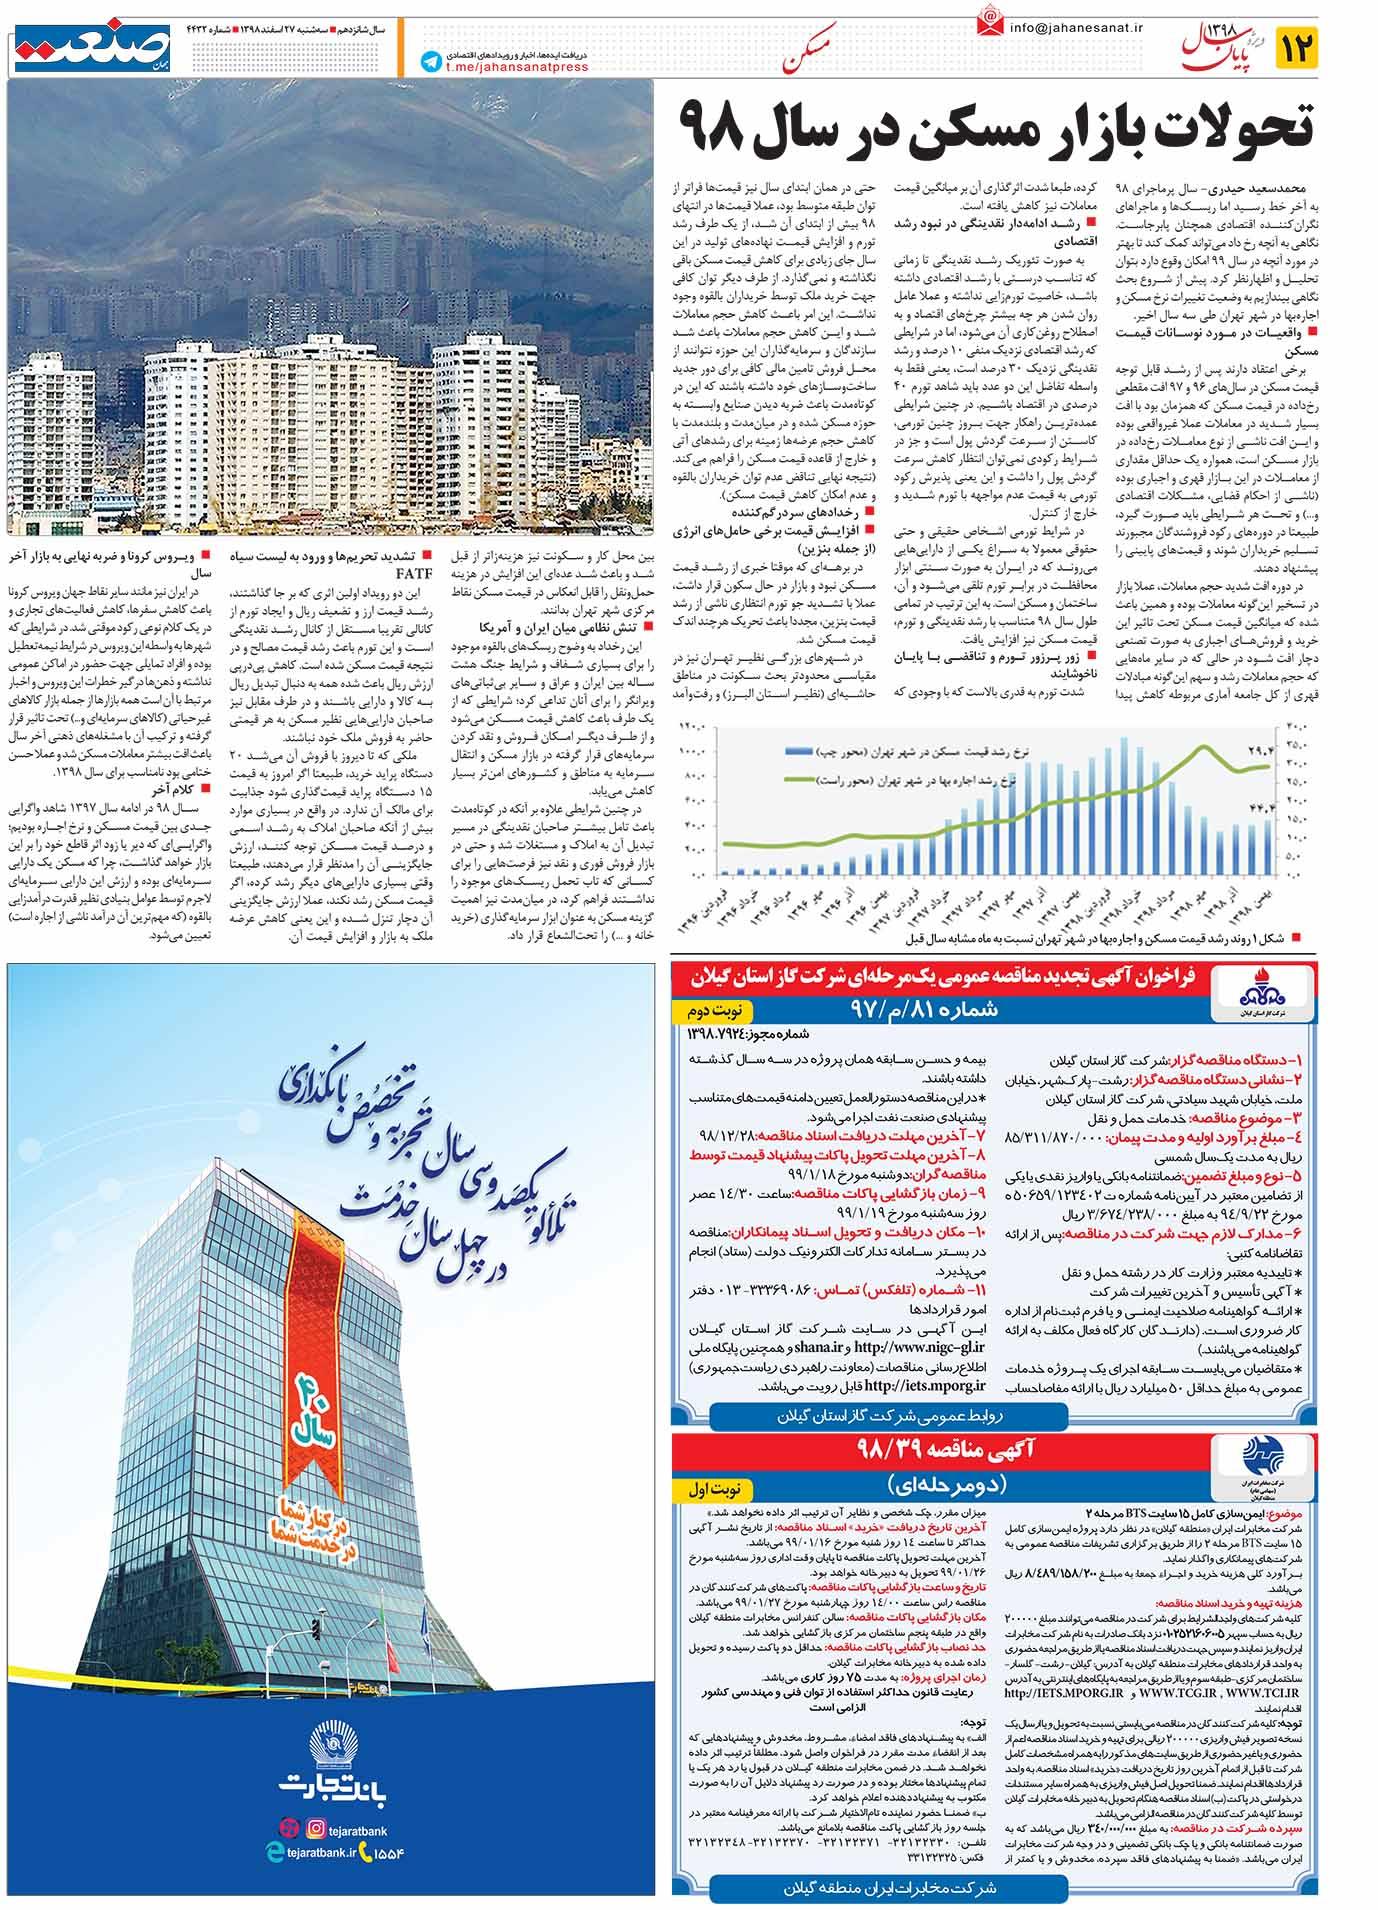 صفحه ۱۲- ۲۷اسفند ۱۳۹۸